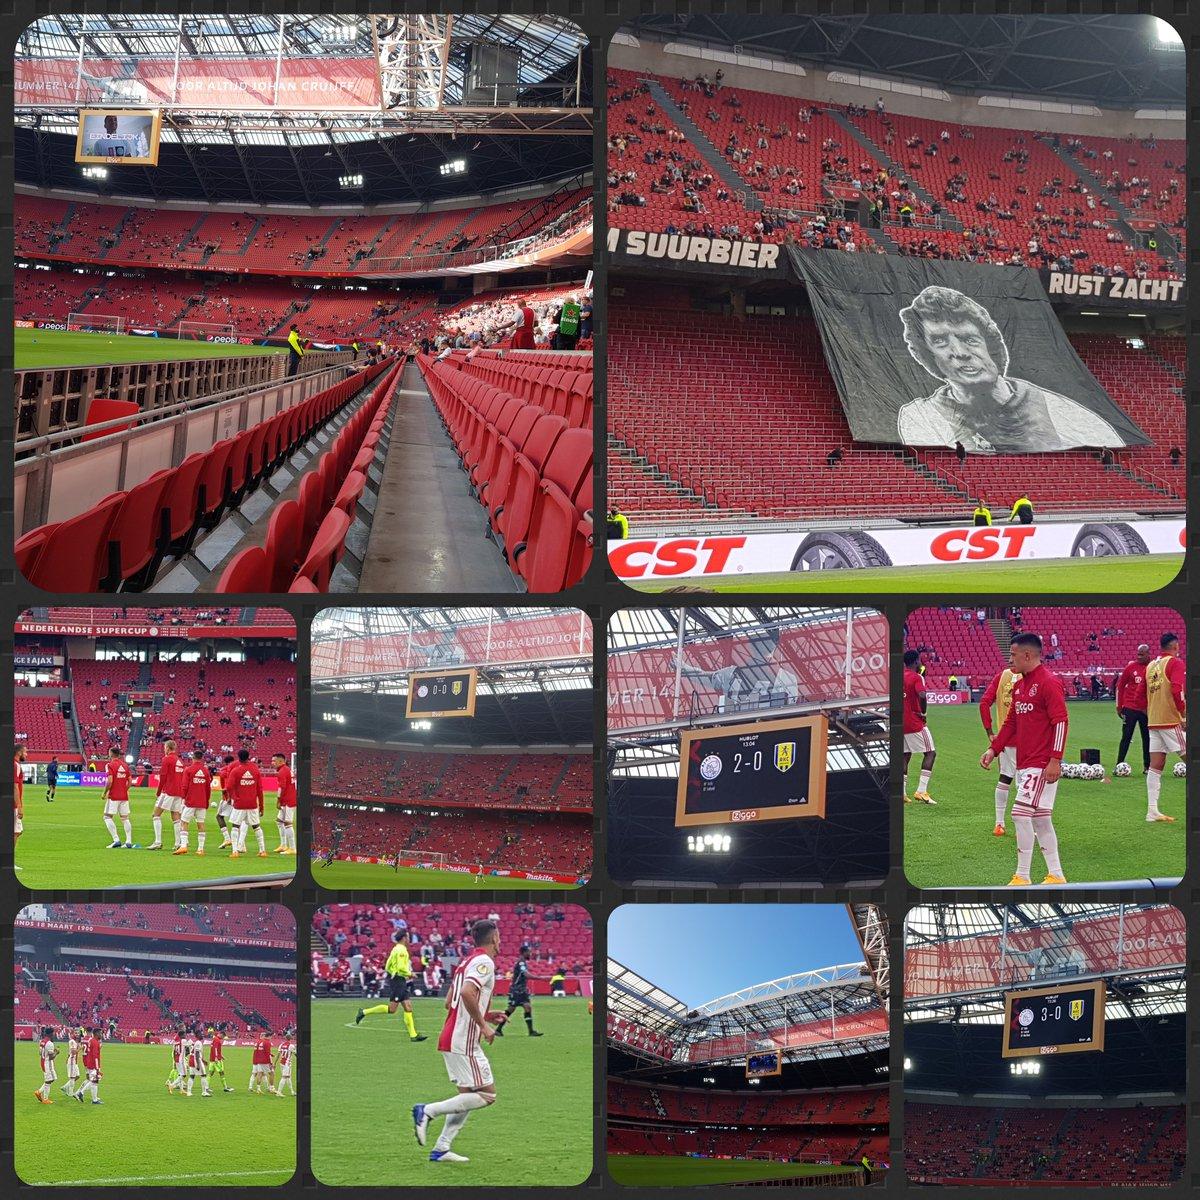 Anders..... maar blij dat we weer mogen.  #Trots #Ajax #Arena https://t.co/7DNtZG4HNl